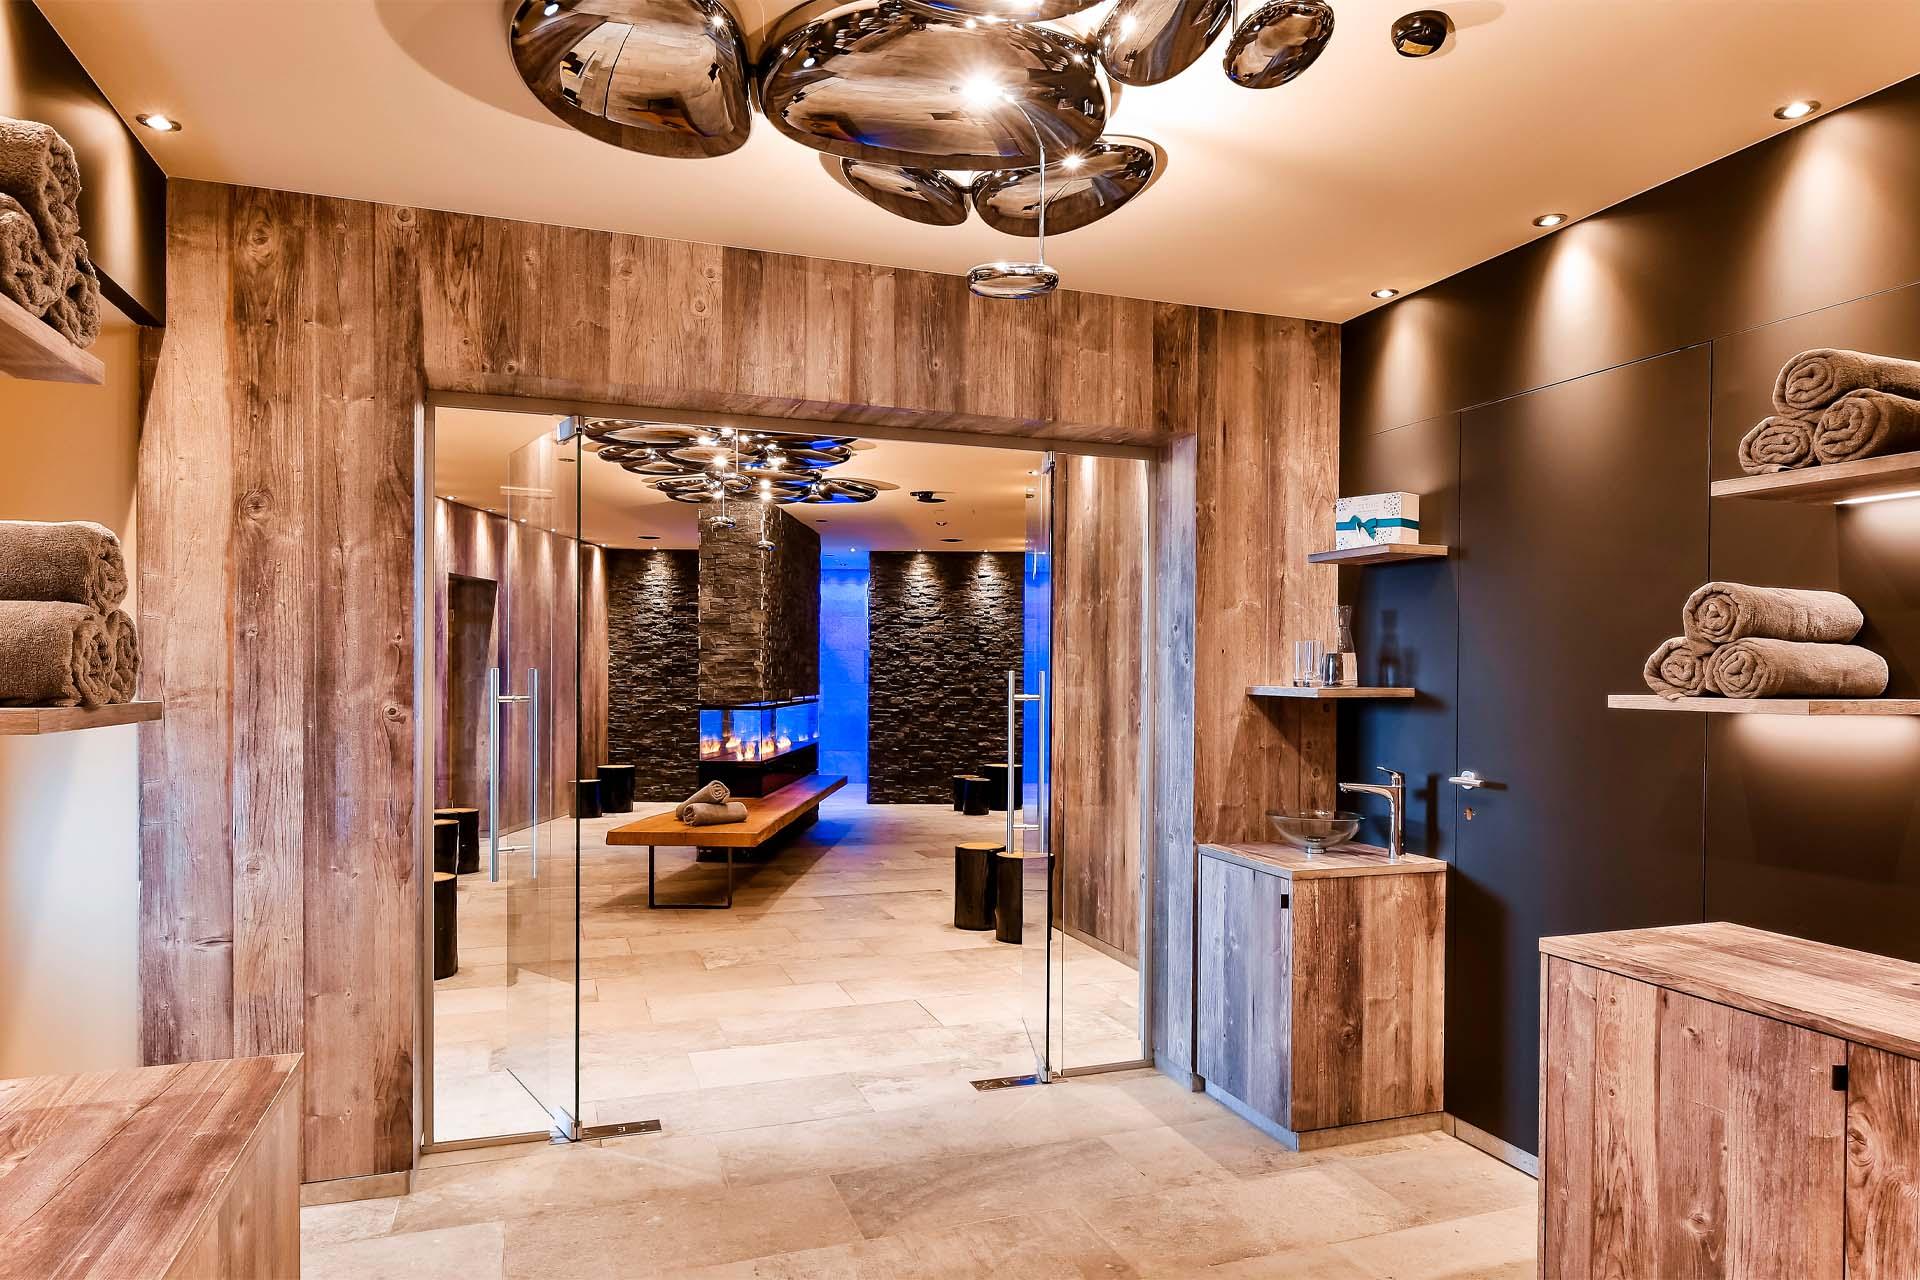 Möbelbau und Innenausstattung im Altholz Design